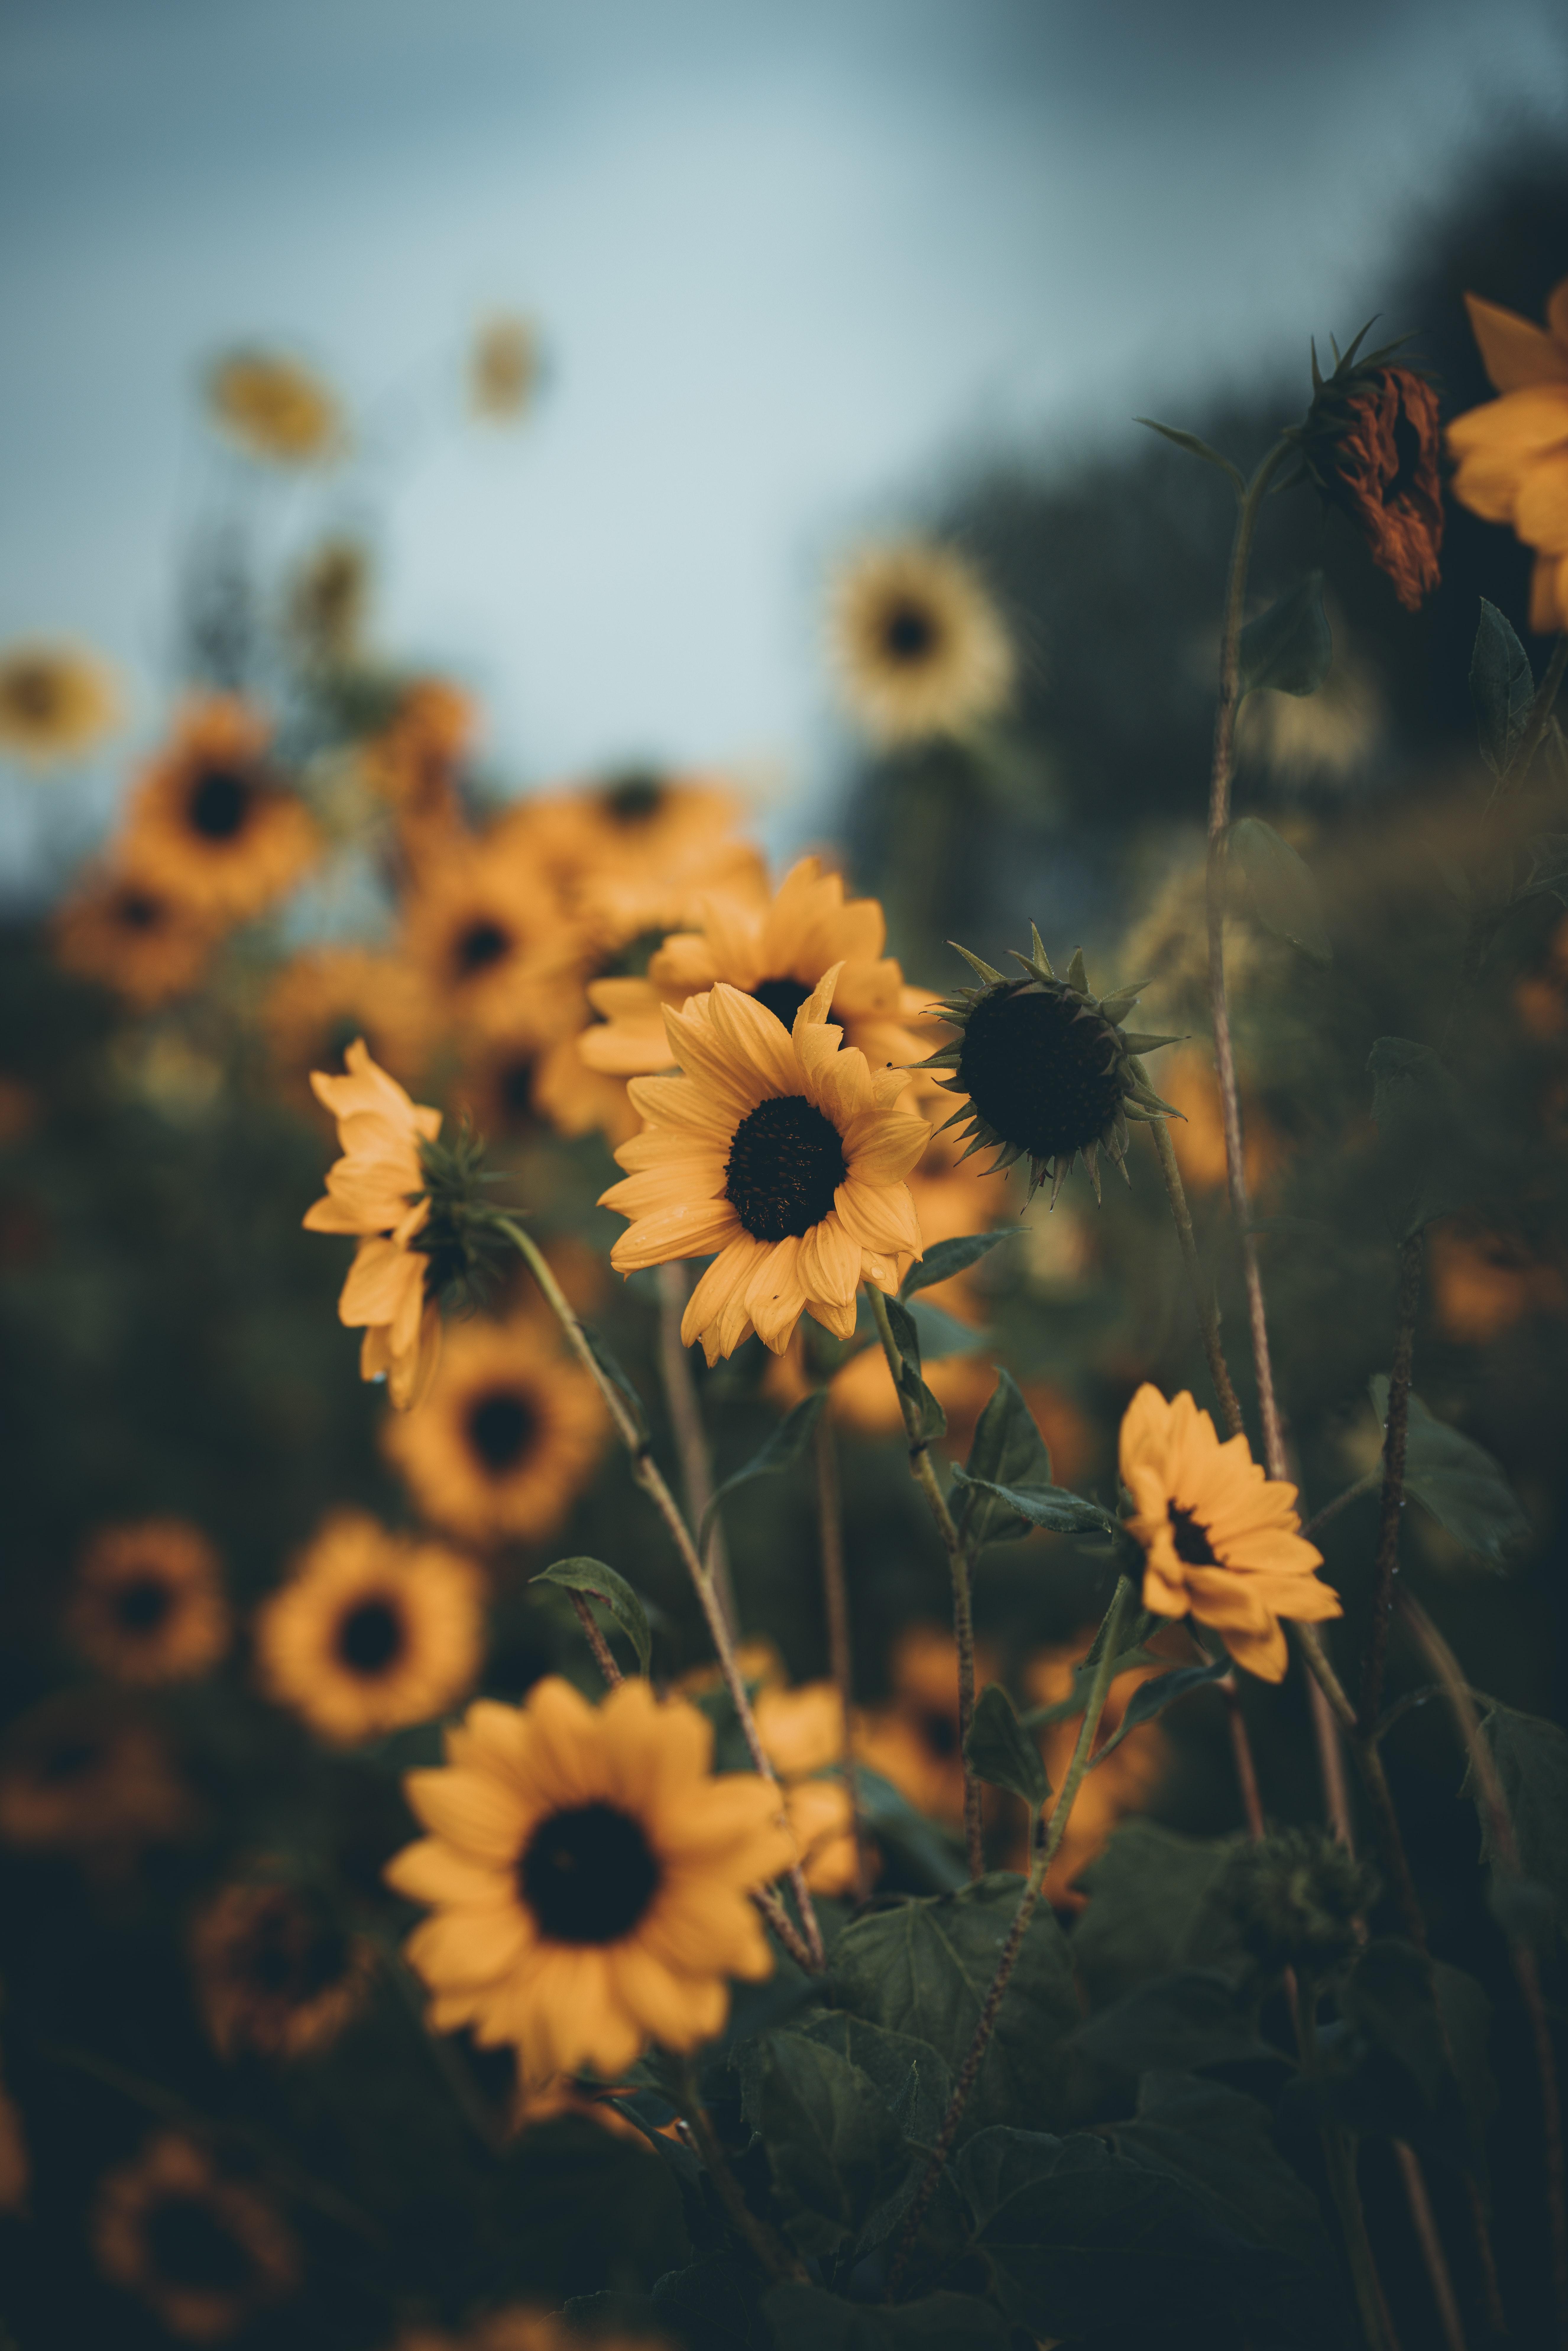 146454 Заставки и Обои Подсолнухи на телефон. Скачать Цветы, Поле, Желтый, Лепестки, Подсолнухи картинки бесплатно